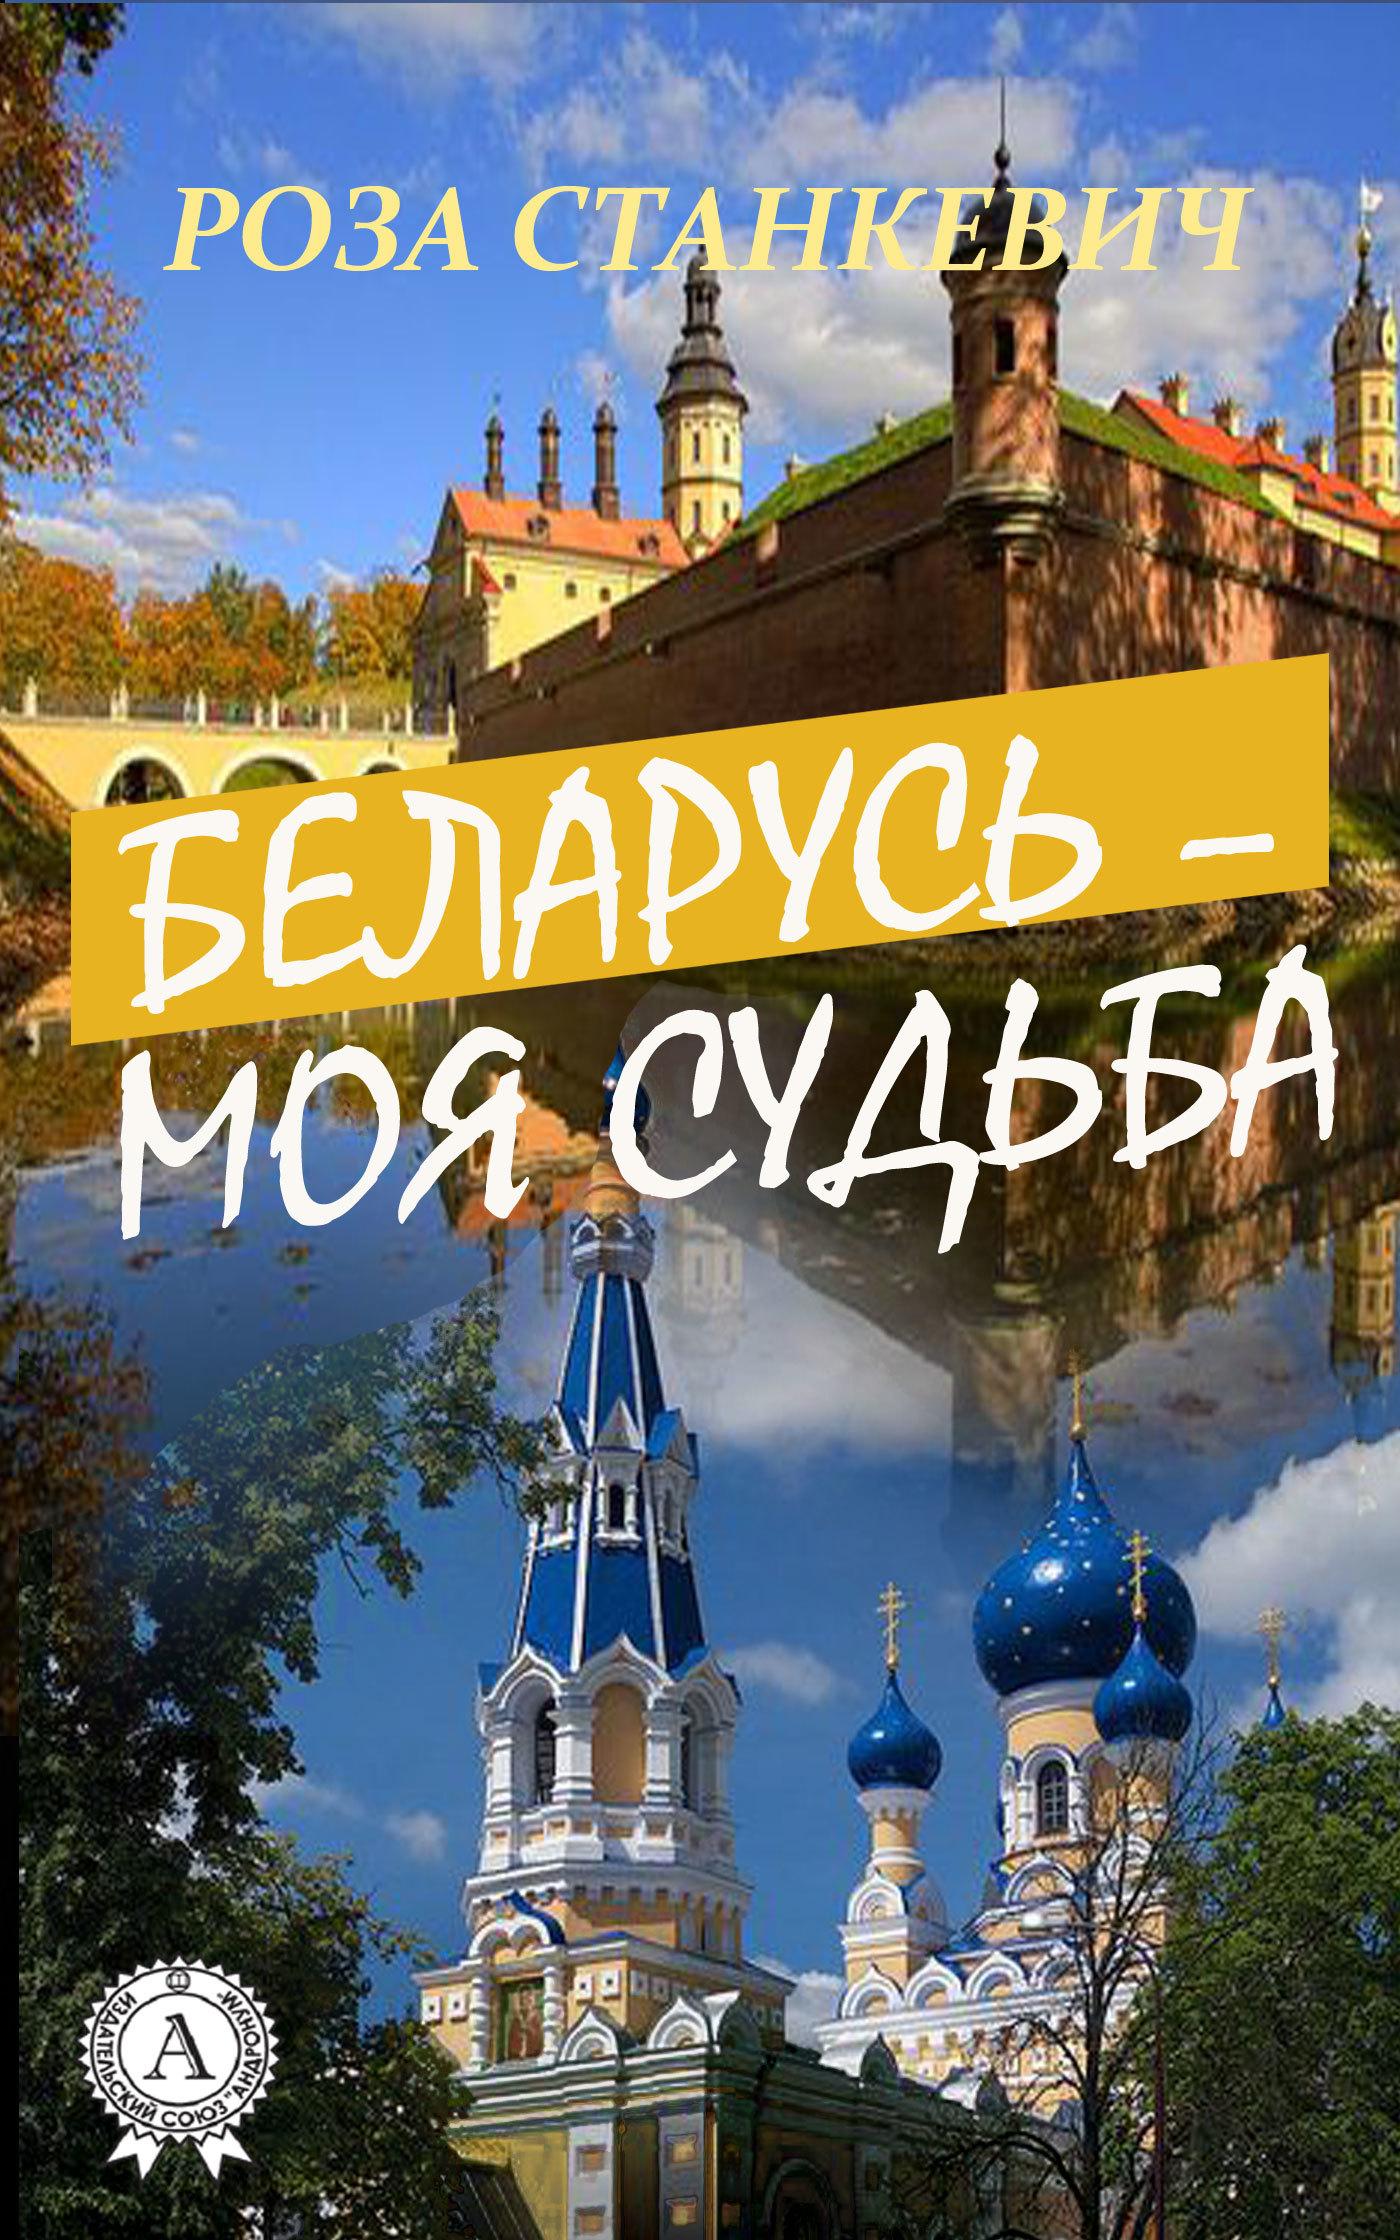 цена на Роза Станкевич Беларусь – моя судьба